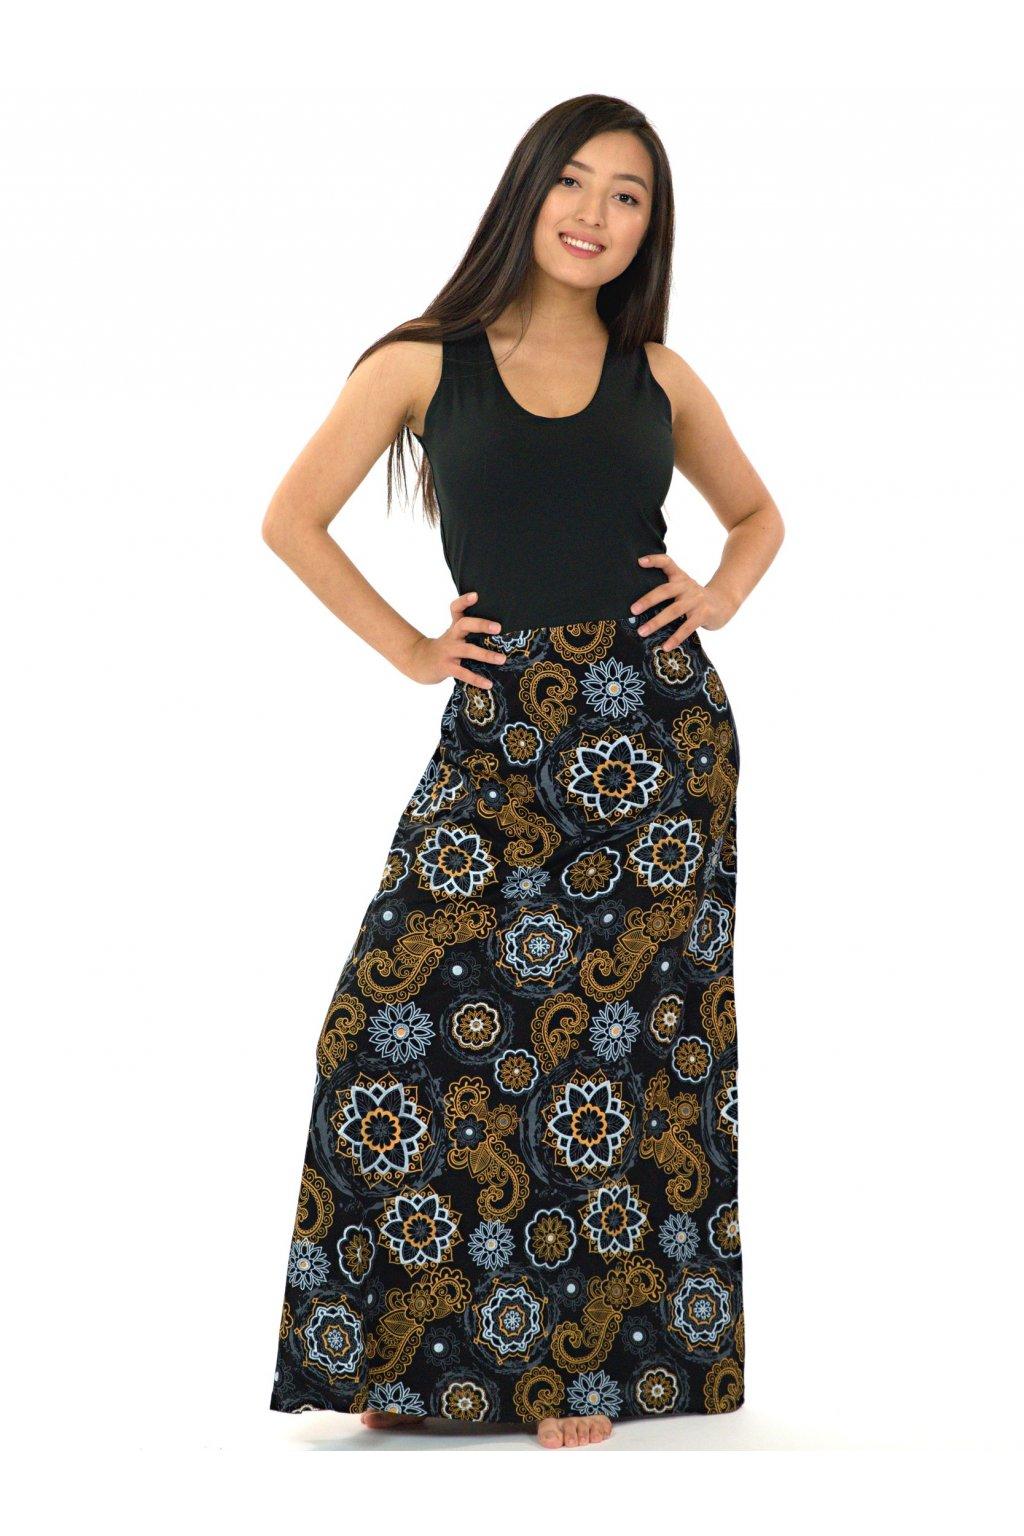 Dlouhé maxi šaty Kalimera - černá s béžovou